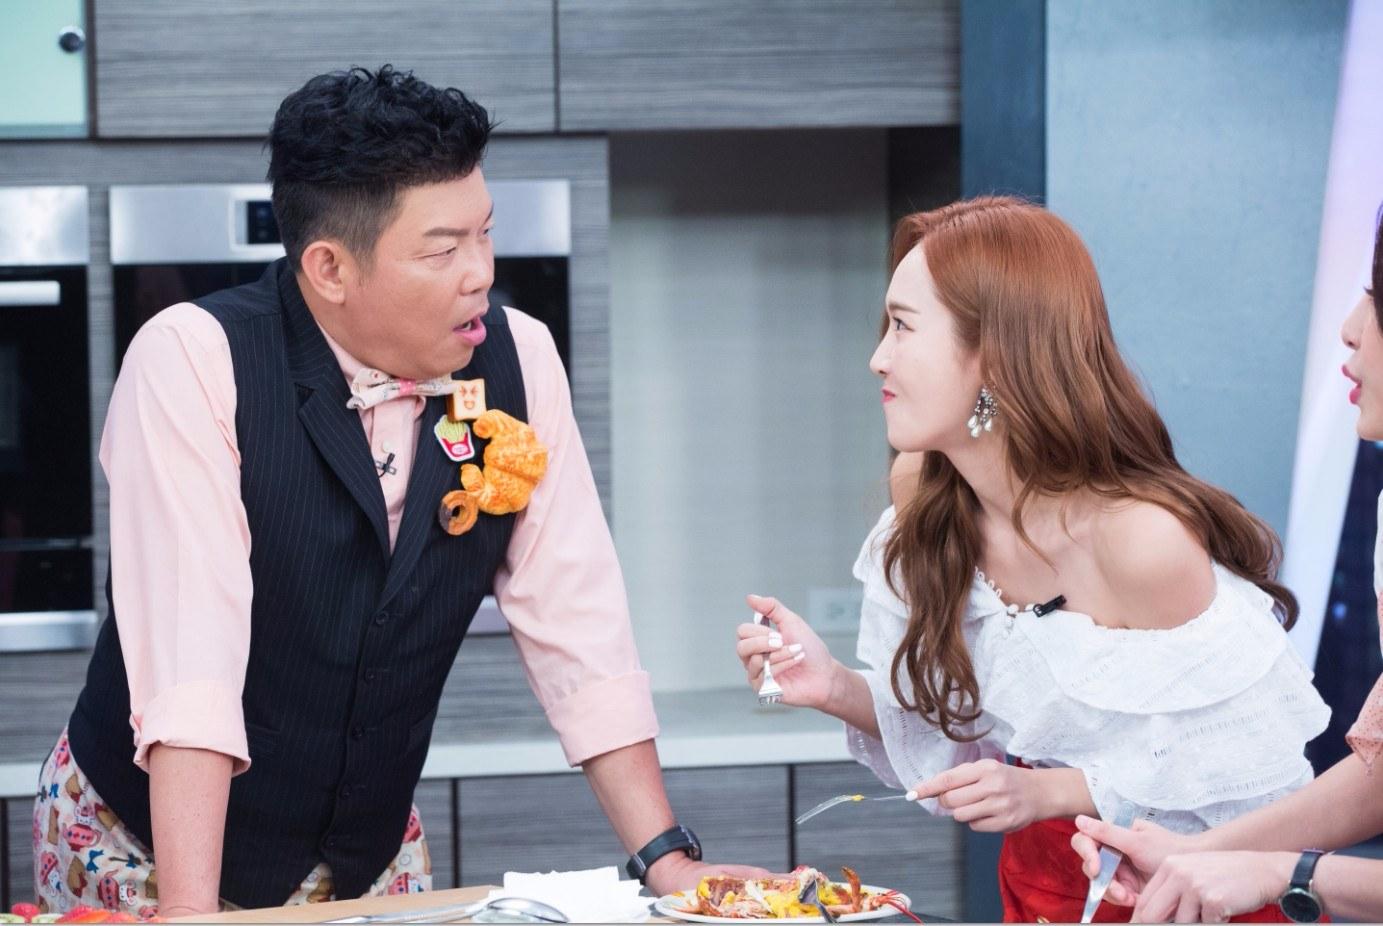 潔西卡表示自己因為很愛美食,所以偶爾在家也會下廚,參加節目前也非常期待吃到阿基師的廚藝